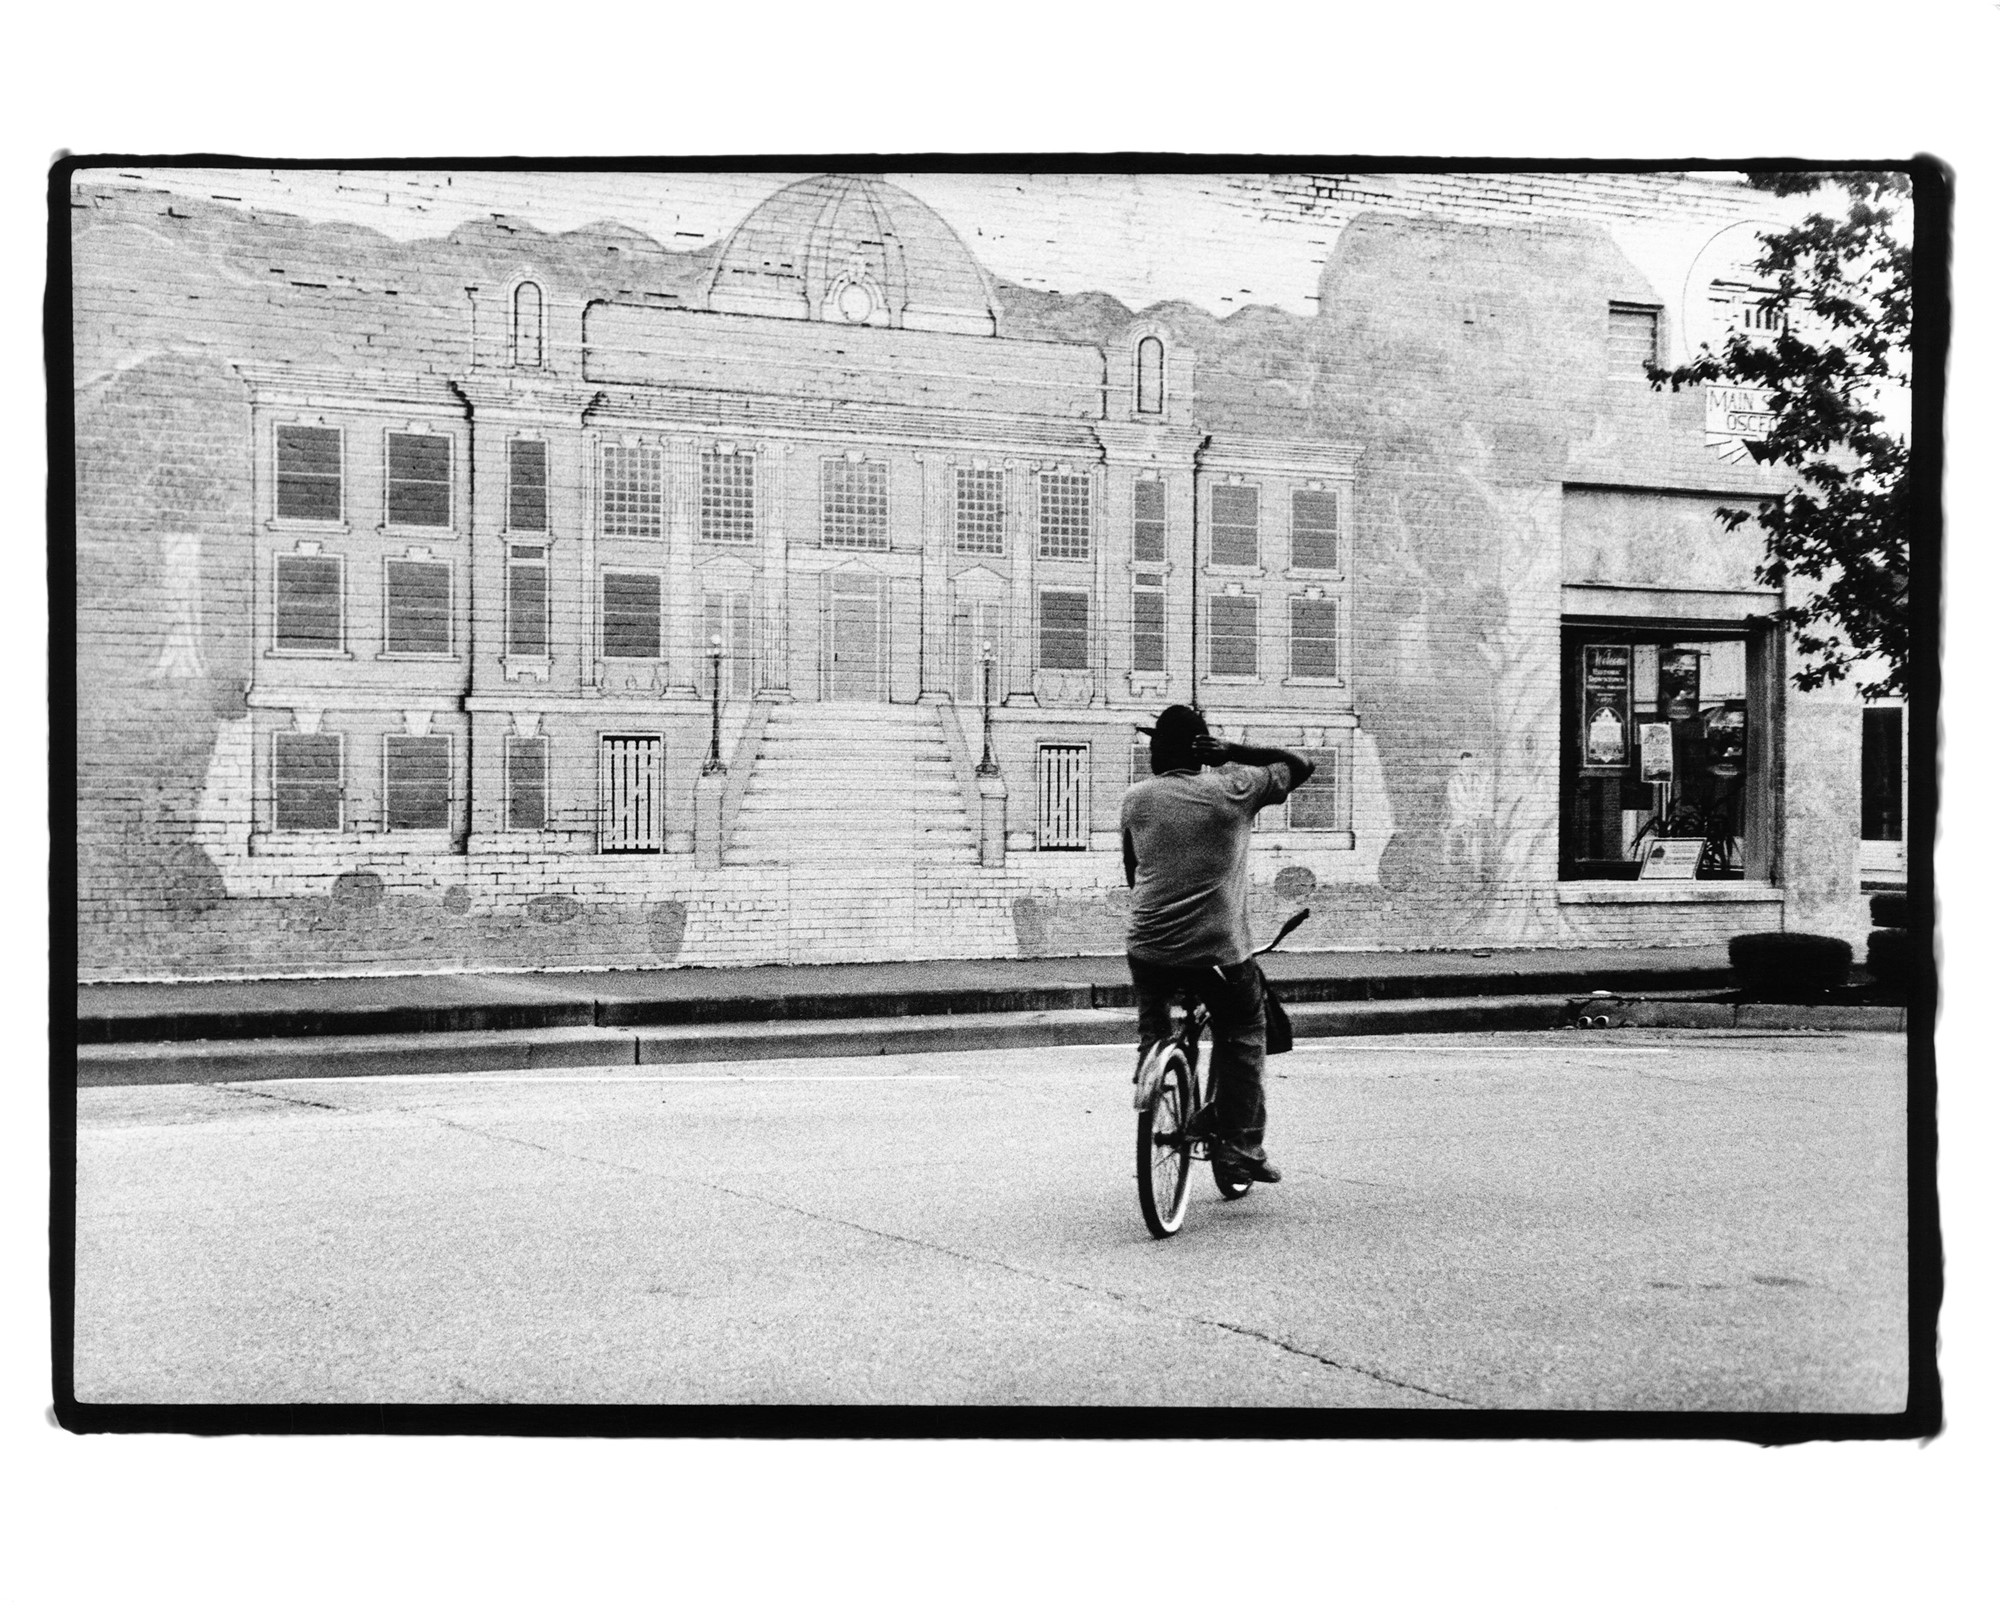 Fotó: Jessica Lange: Minnesota, részlet az A Highway 61 című sorozatból, 2011-18 © Jessica Lange / Howard Greenberg Gallery